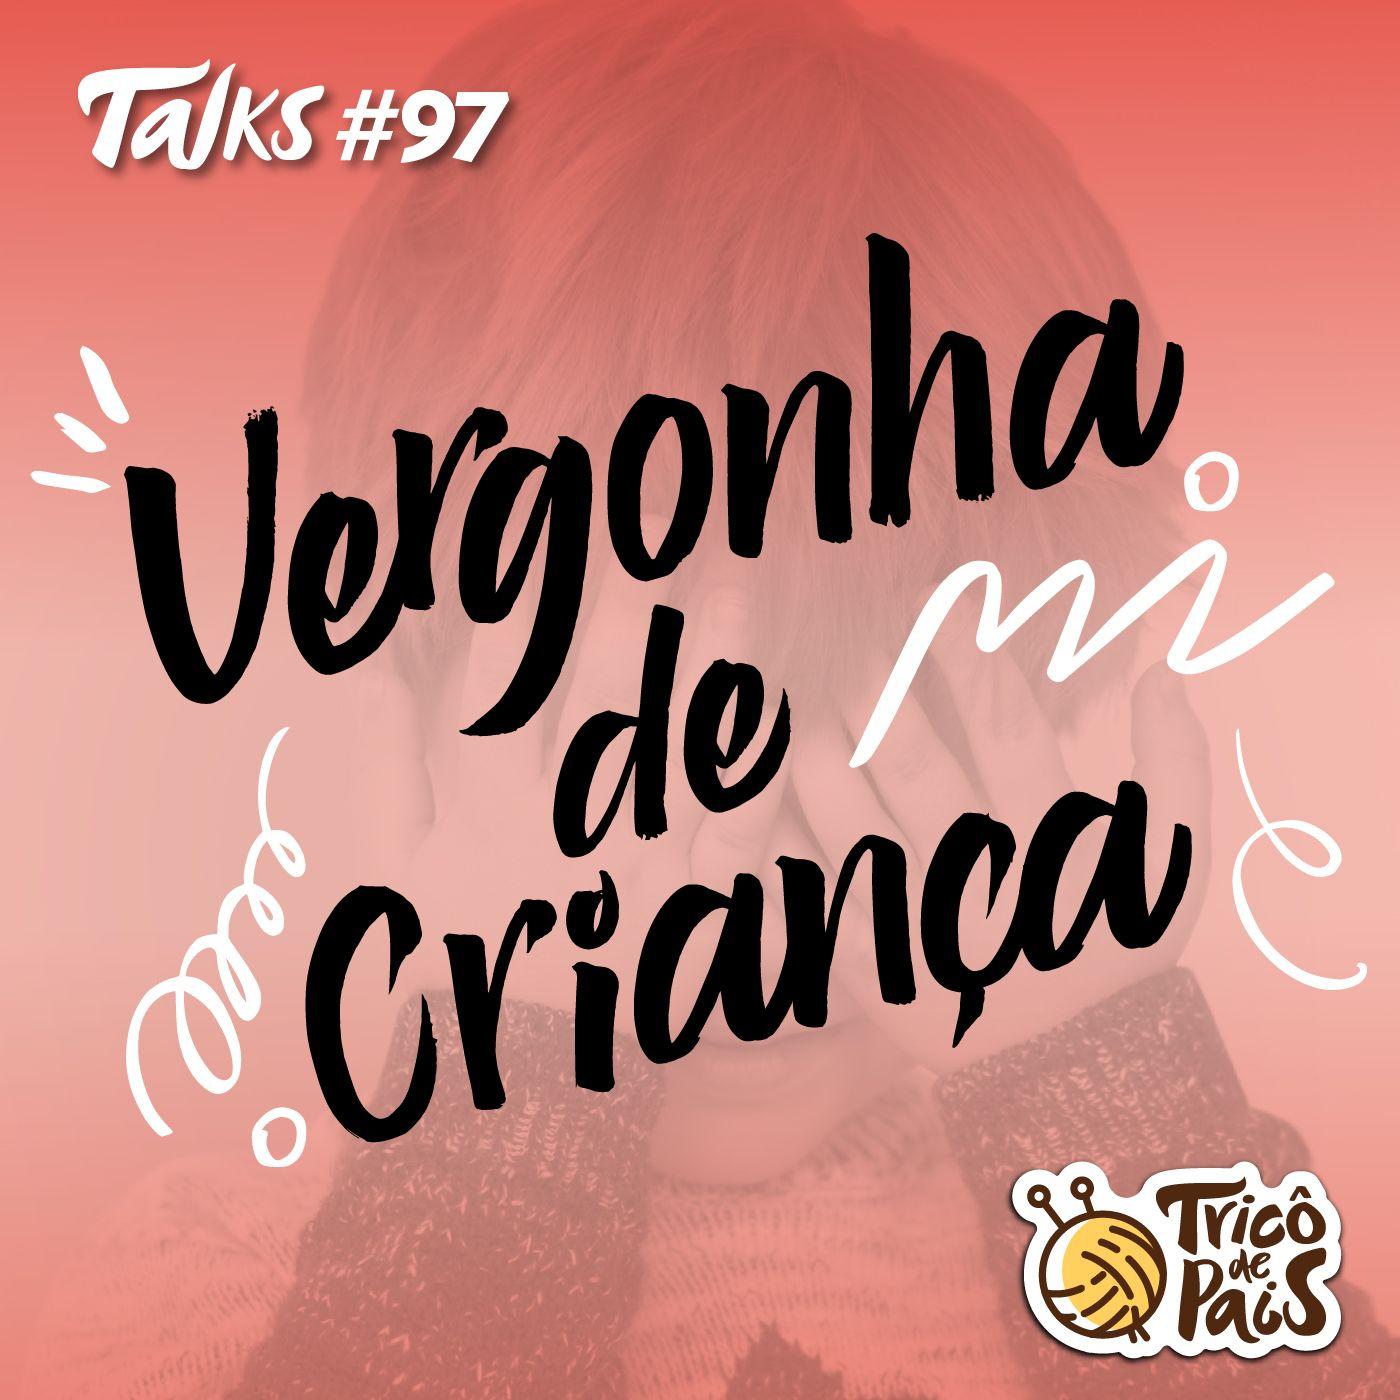 Tricô Talks 097 - Vergonha de Criança